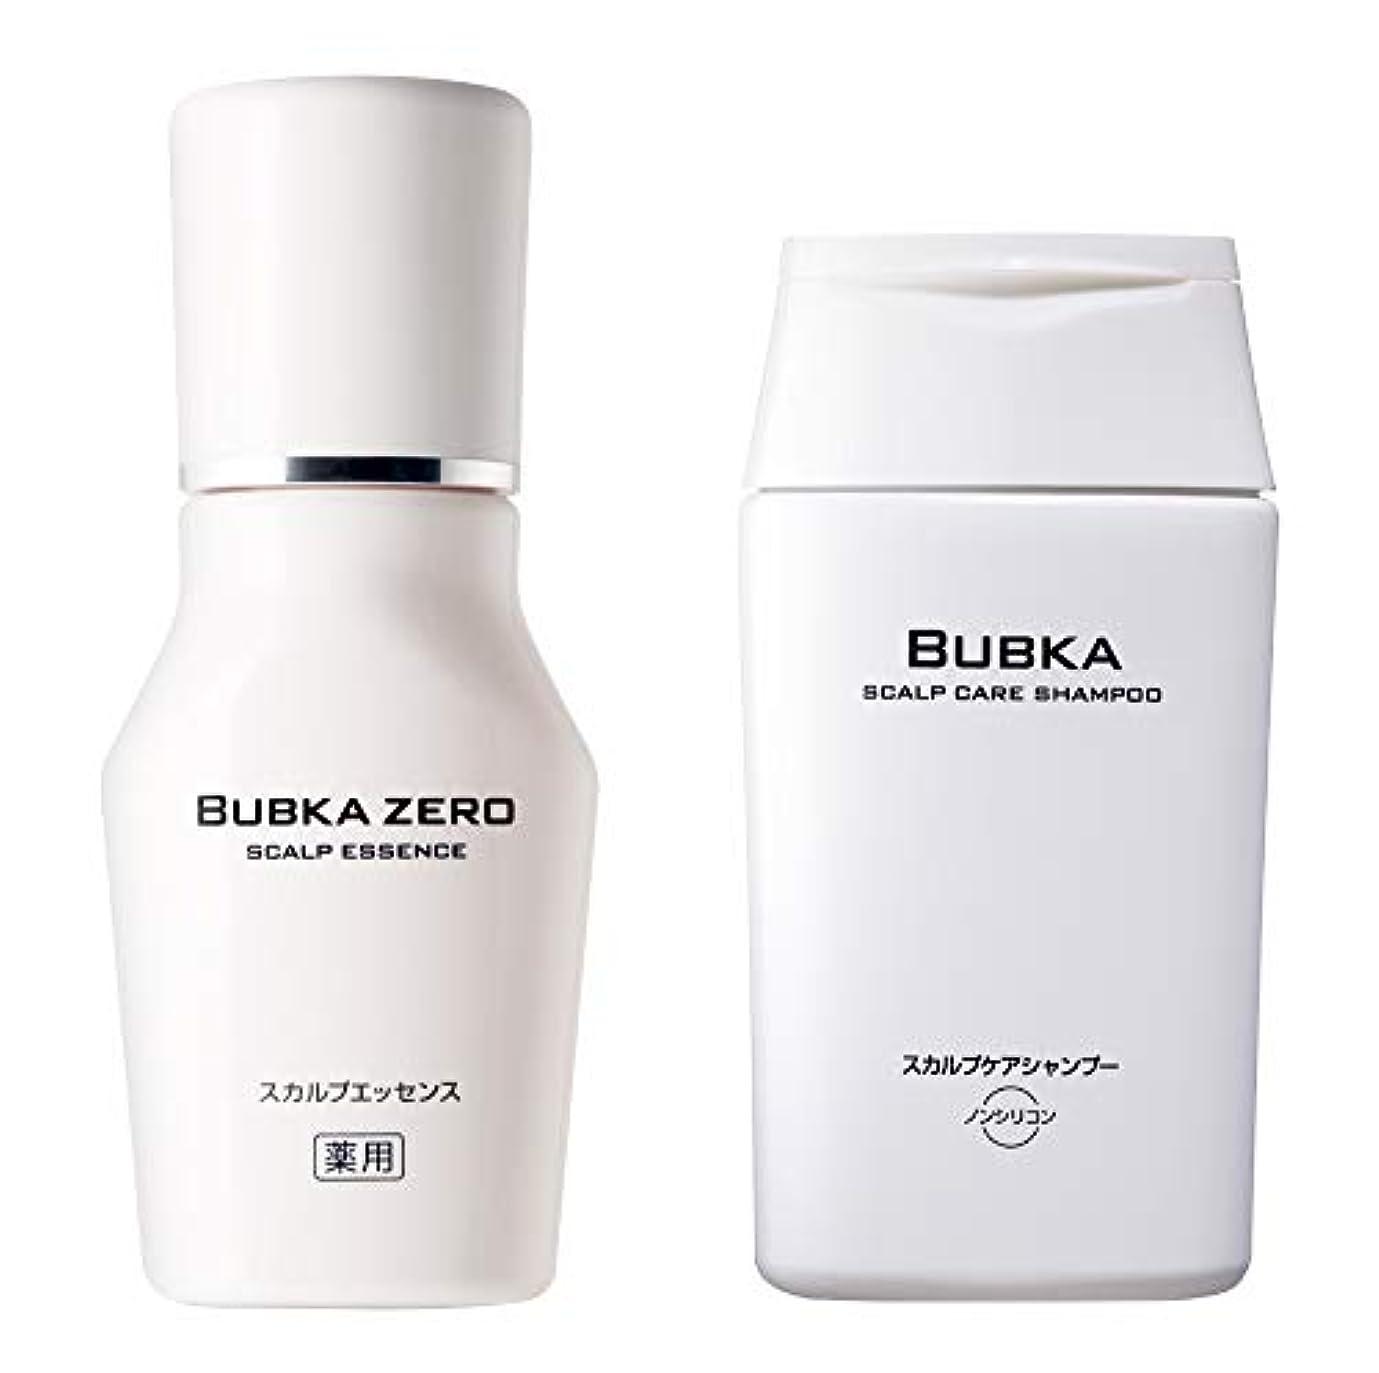 【医薬部外品】BUBKA(ブブカ)薬用 スカルプエッセンス 育毛剤 BUBKA ZERO+BUBKAスカルプケアシャンプー おすすめセット